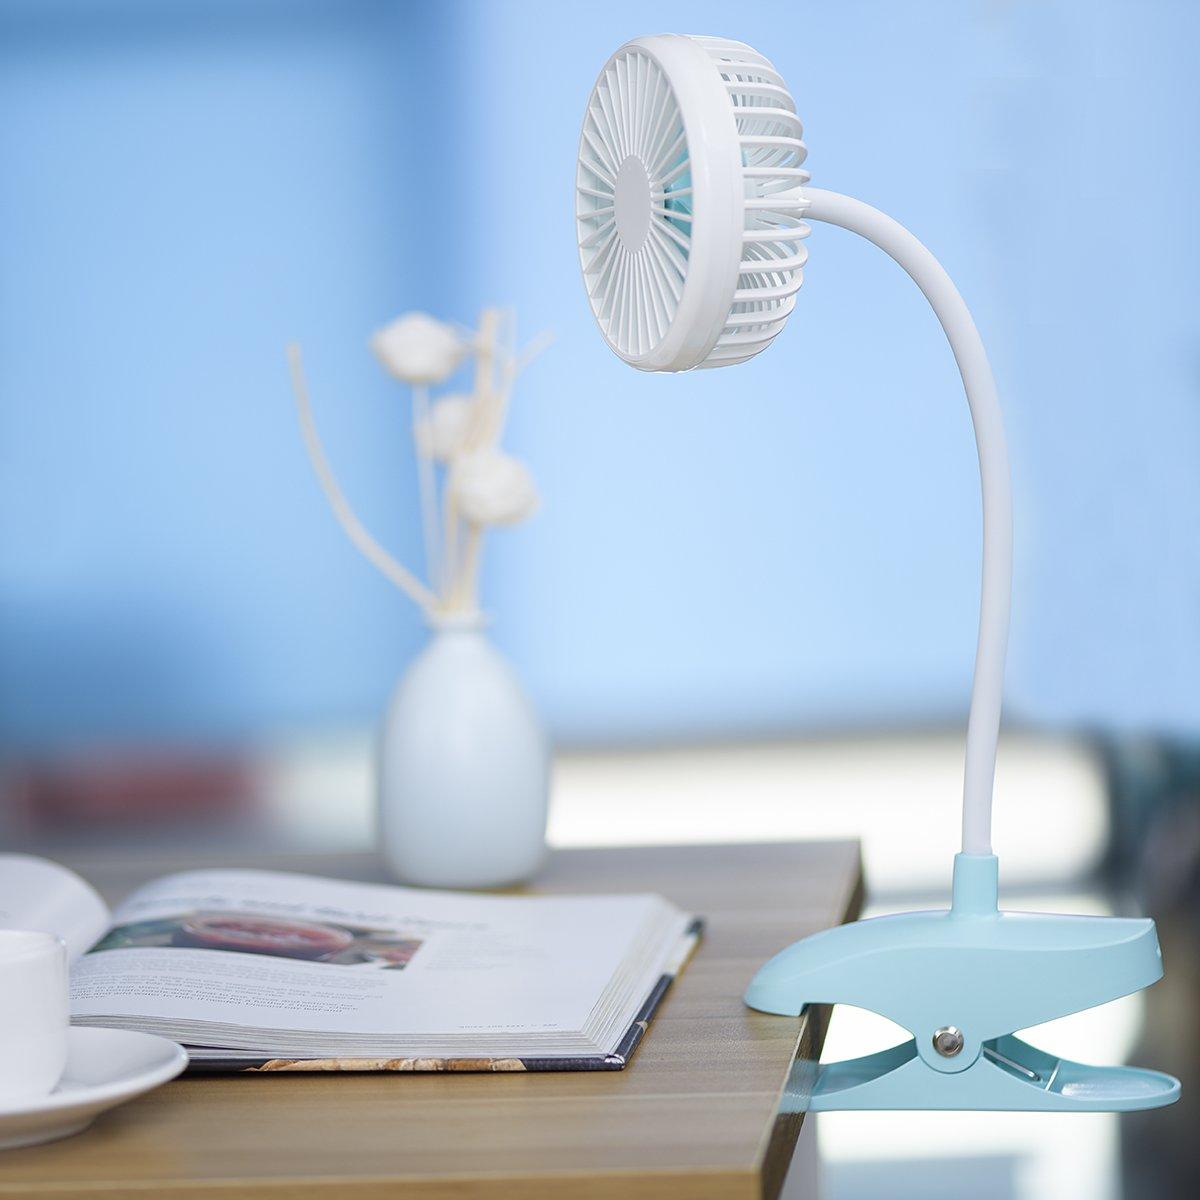 cochecito de bebe Clip USB ventilador con 1200mAh bateria recargable operado y fuerte pinza Oficina blanco silencioso de refrigeracion portatil Mini ventiladores de mesa personales para el hogar